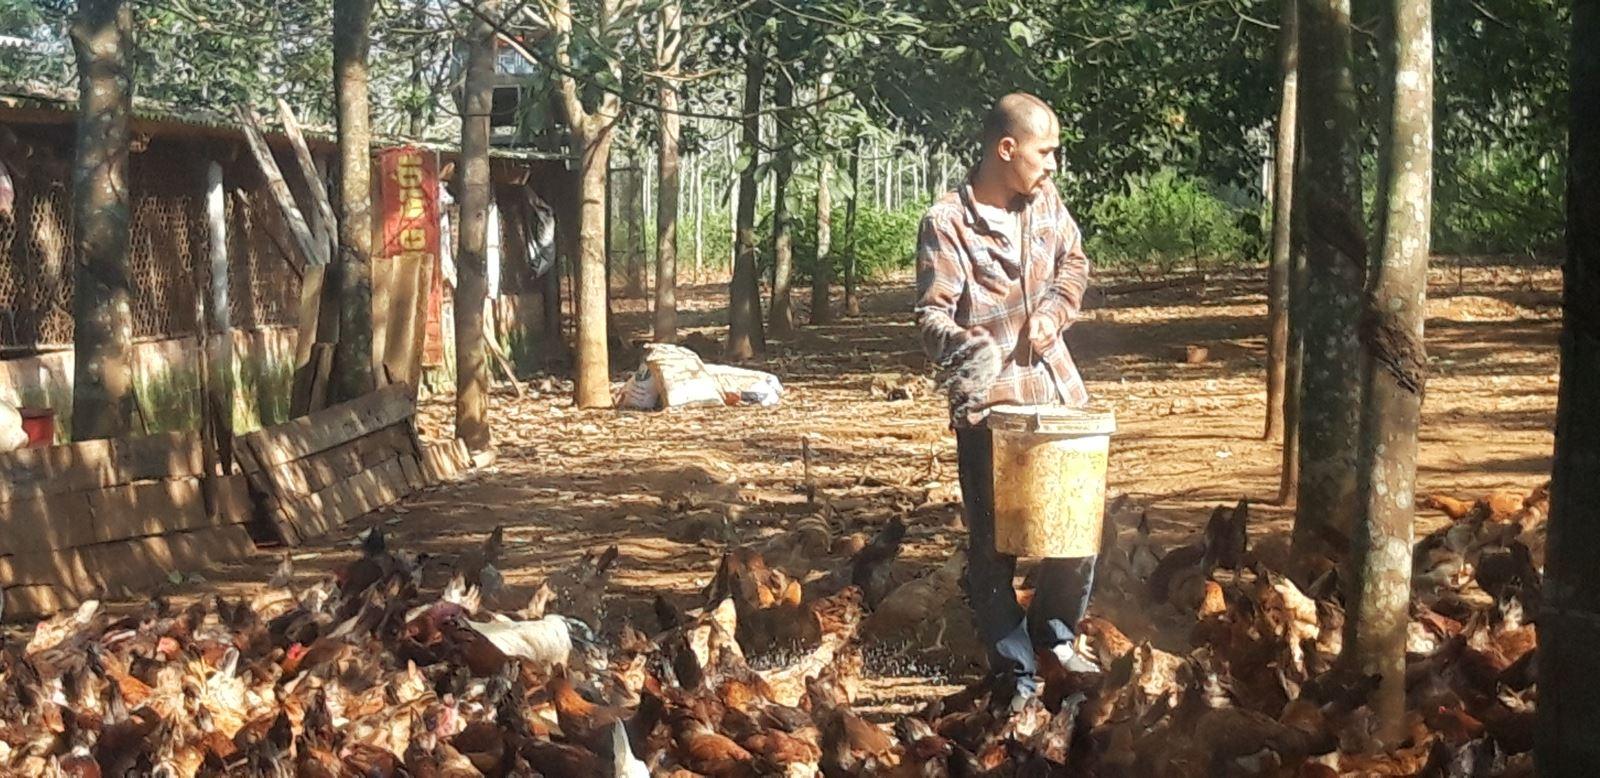 Trang trại gà Cùa của anh Phạm Hữu Phương ở làng Nghĩa Phong, xã Cam Nghĩ